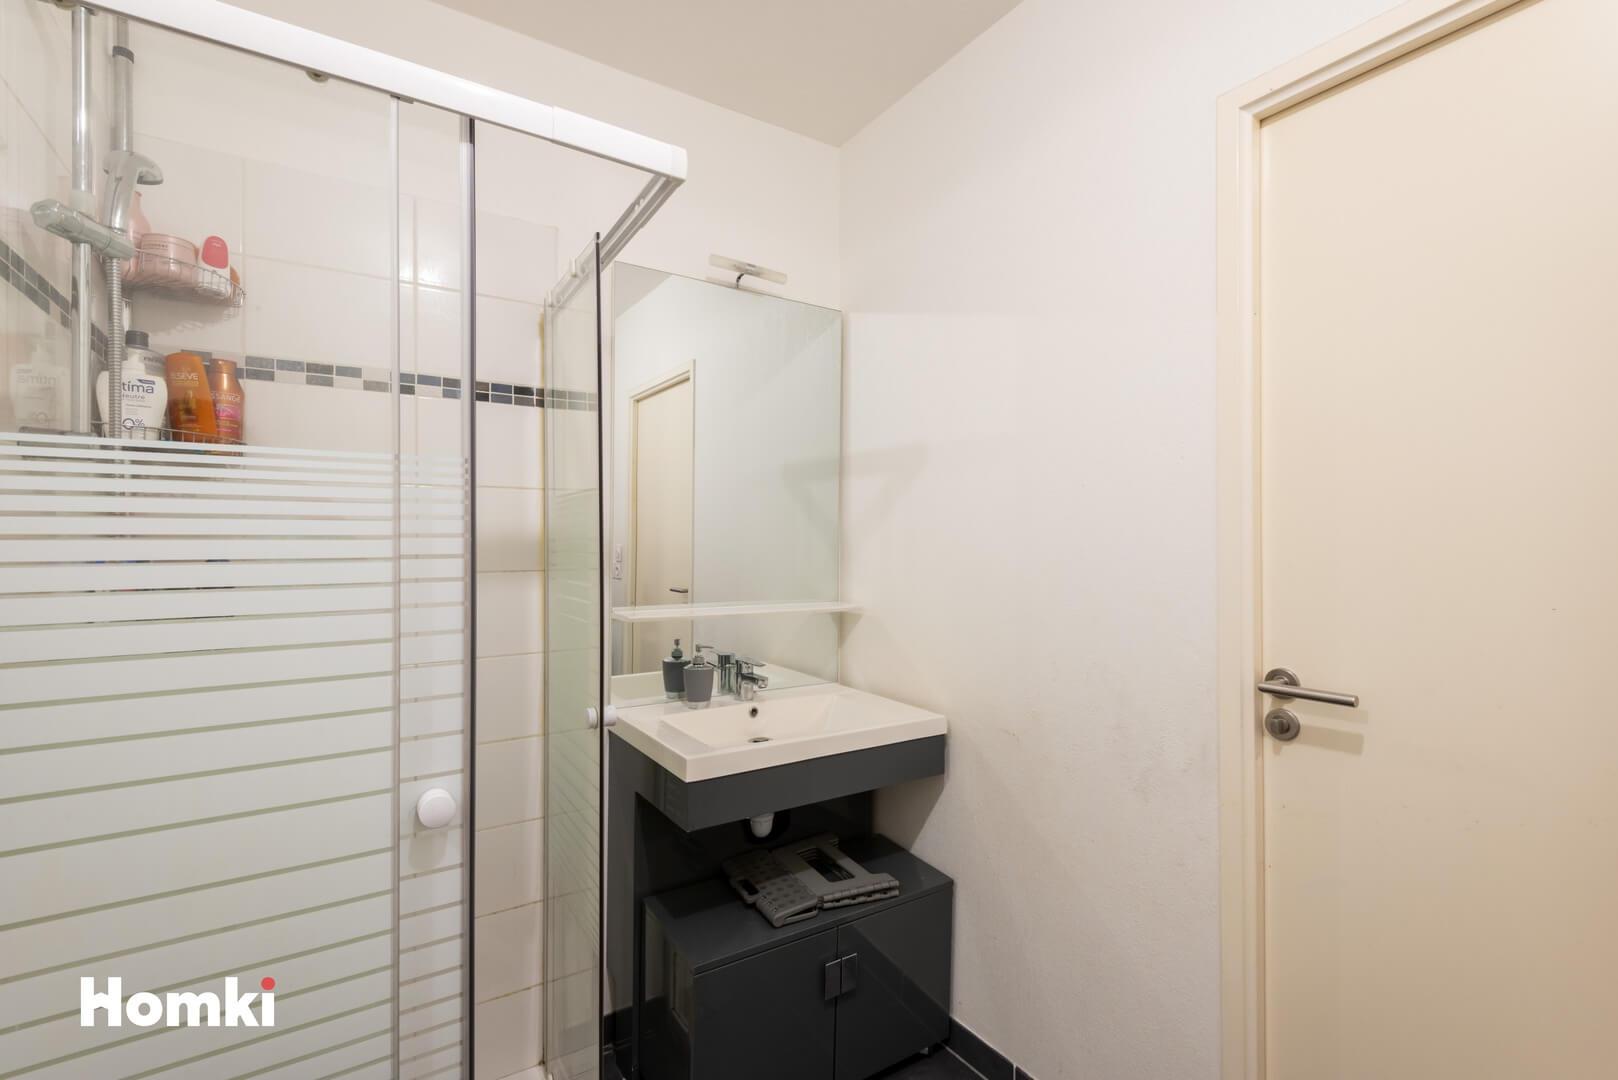 Homki - Vente appartement  de 57.1 m² à Marseille 13003